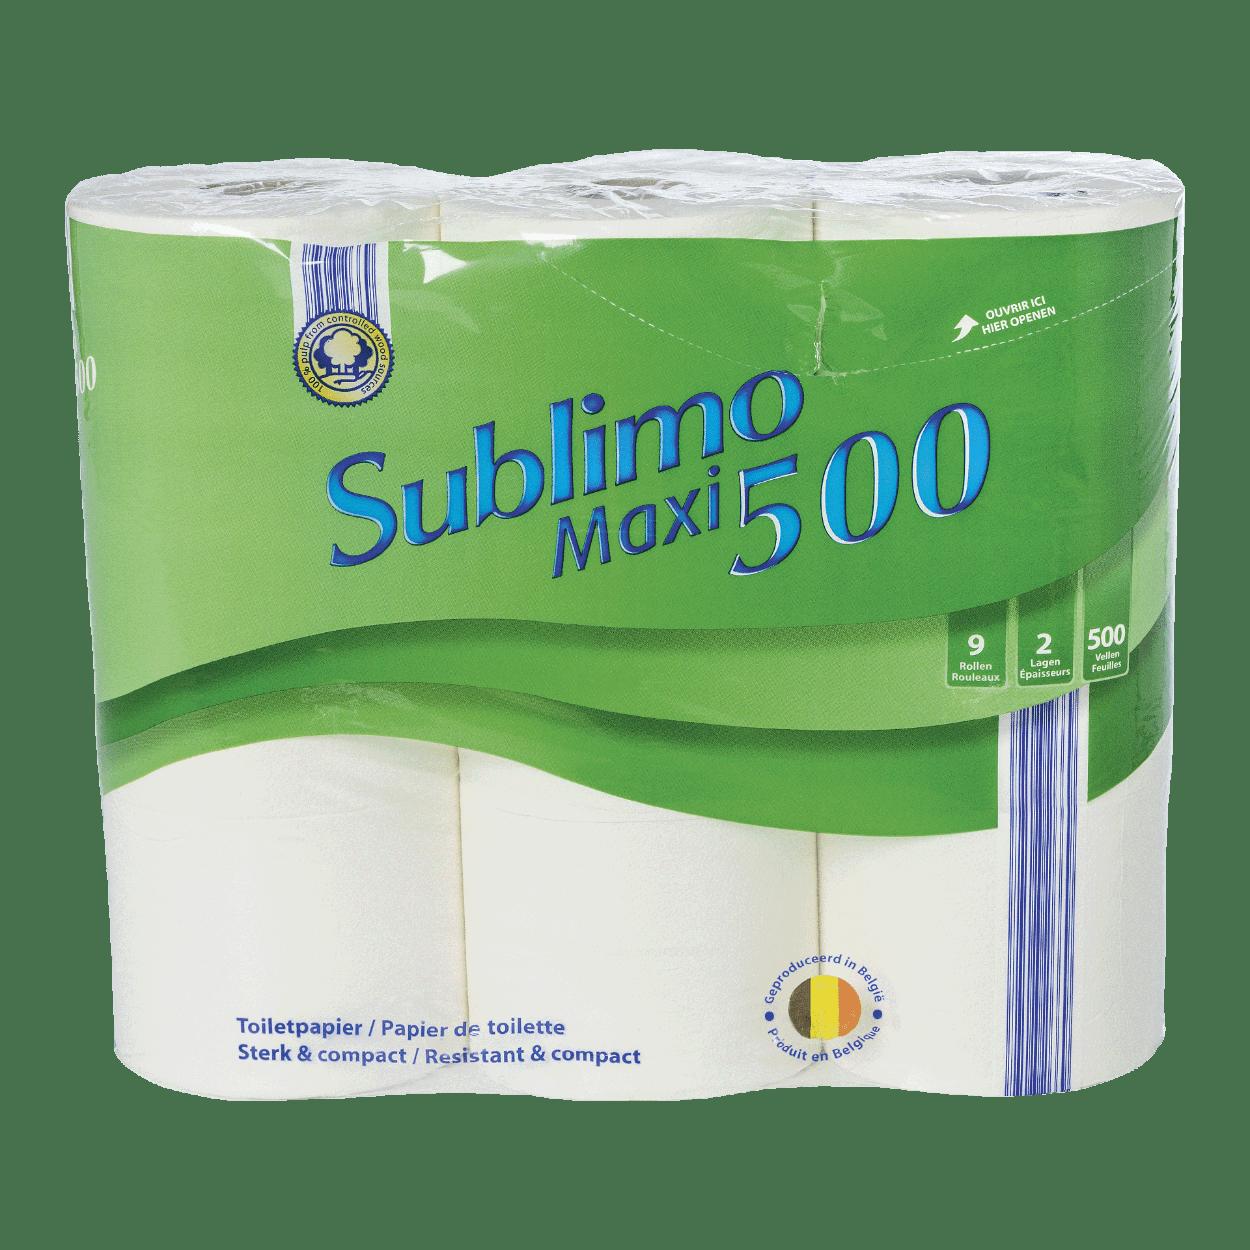 Wc Papier Aldi.Papier Toilette Maxi Pack De 9